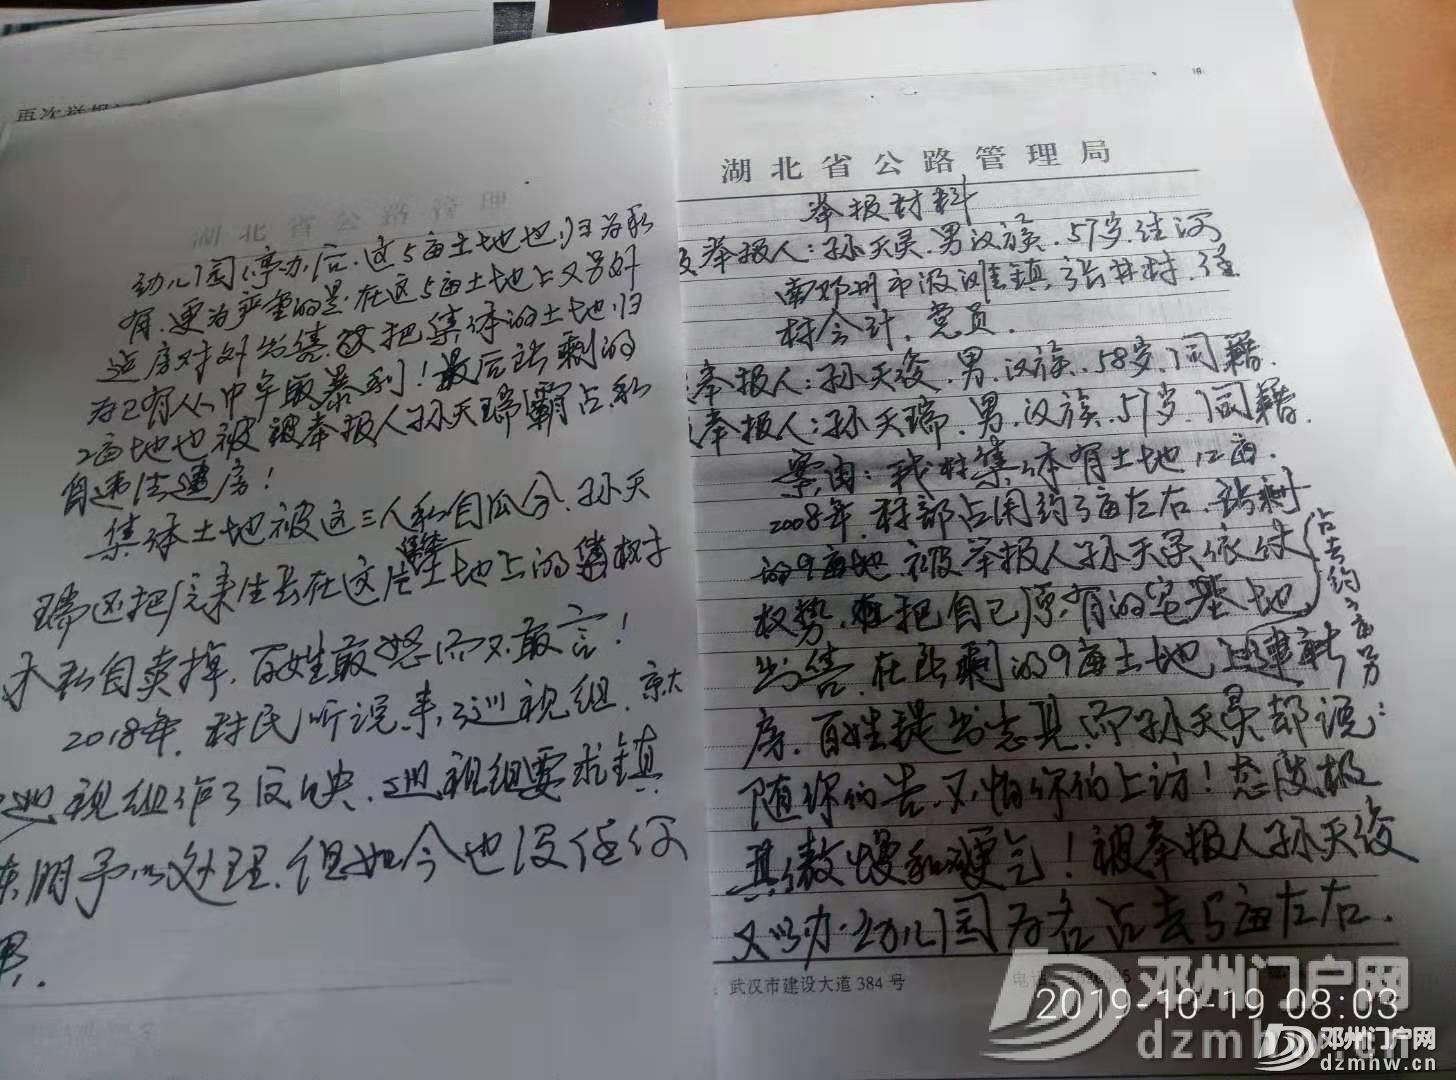 一封退伍军人给政府的信函 - 邓州门户网|邓州网 - 1571443239967591.jpg